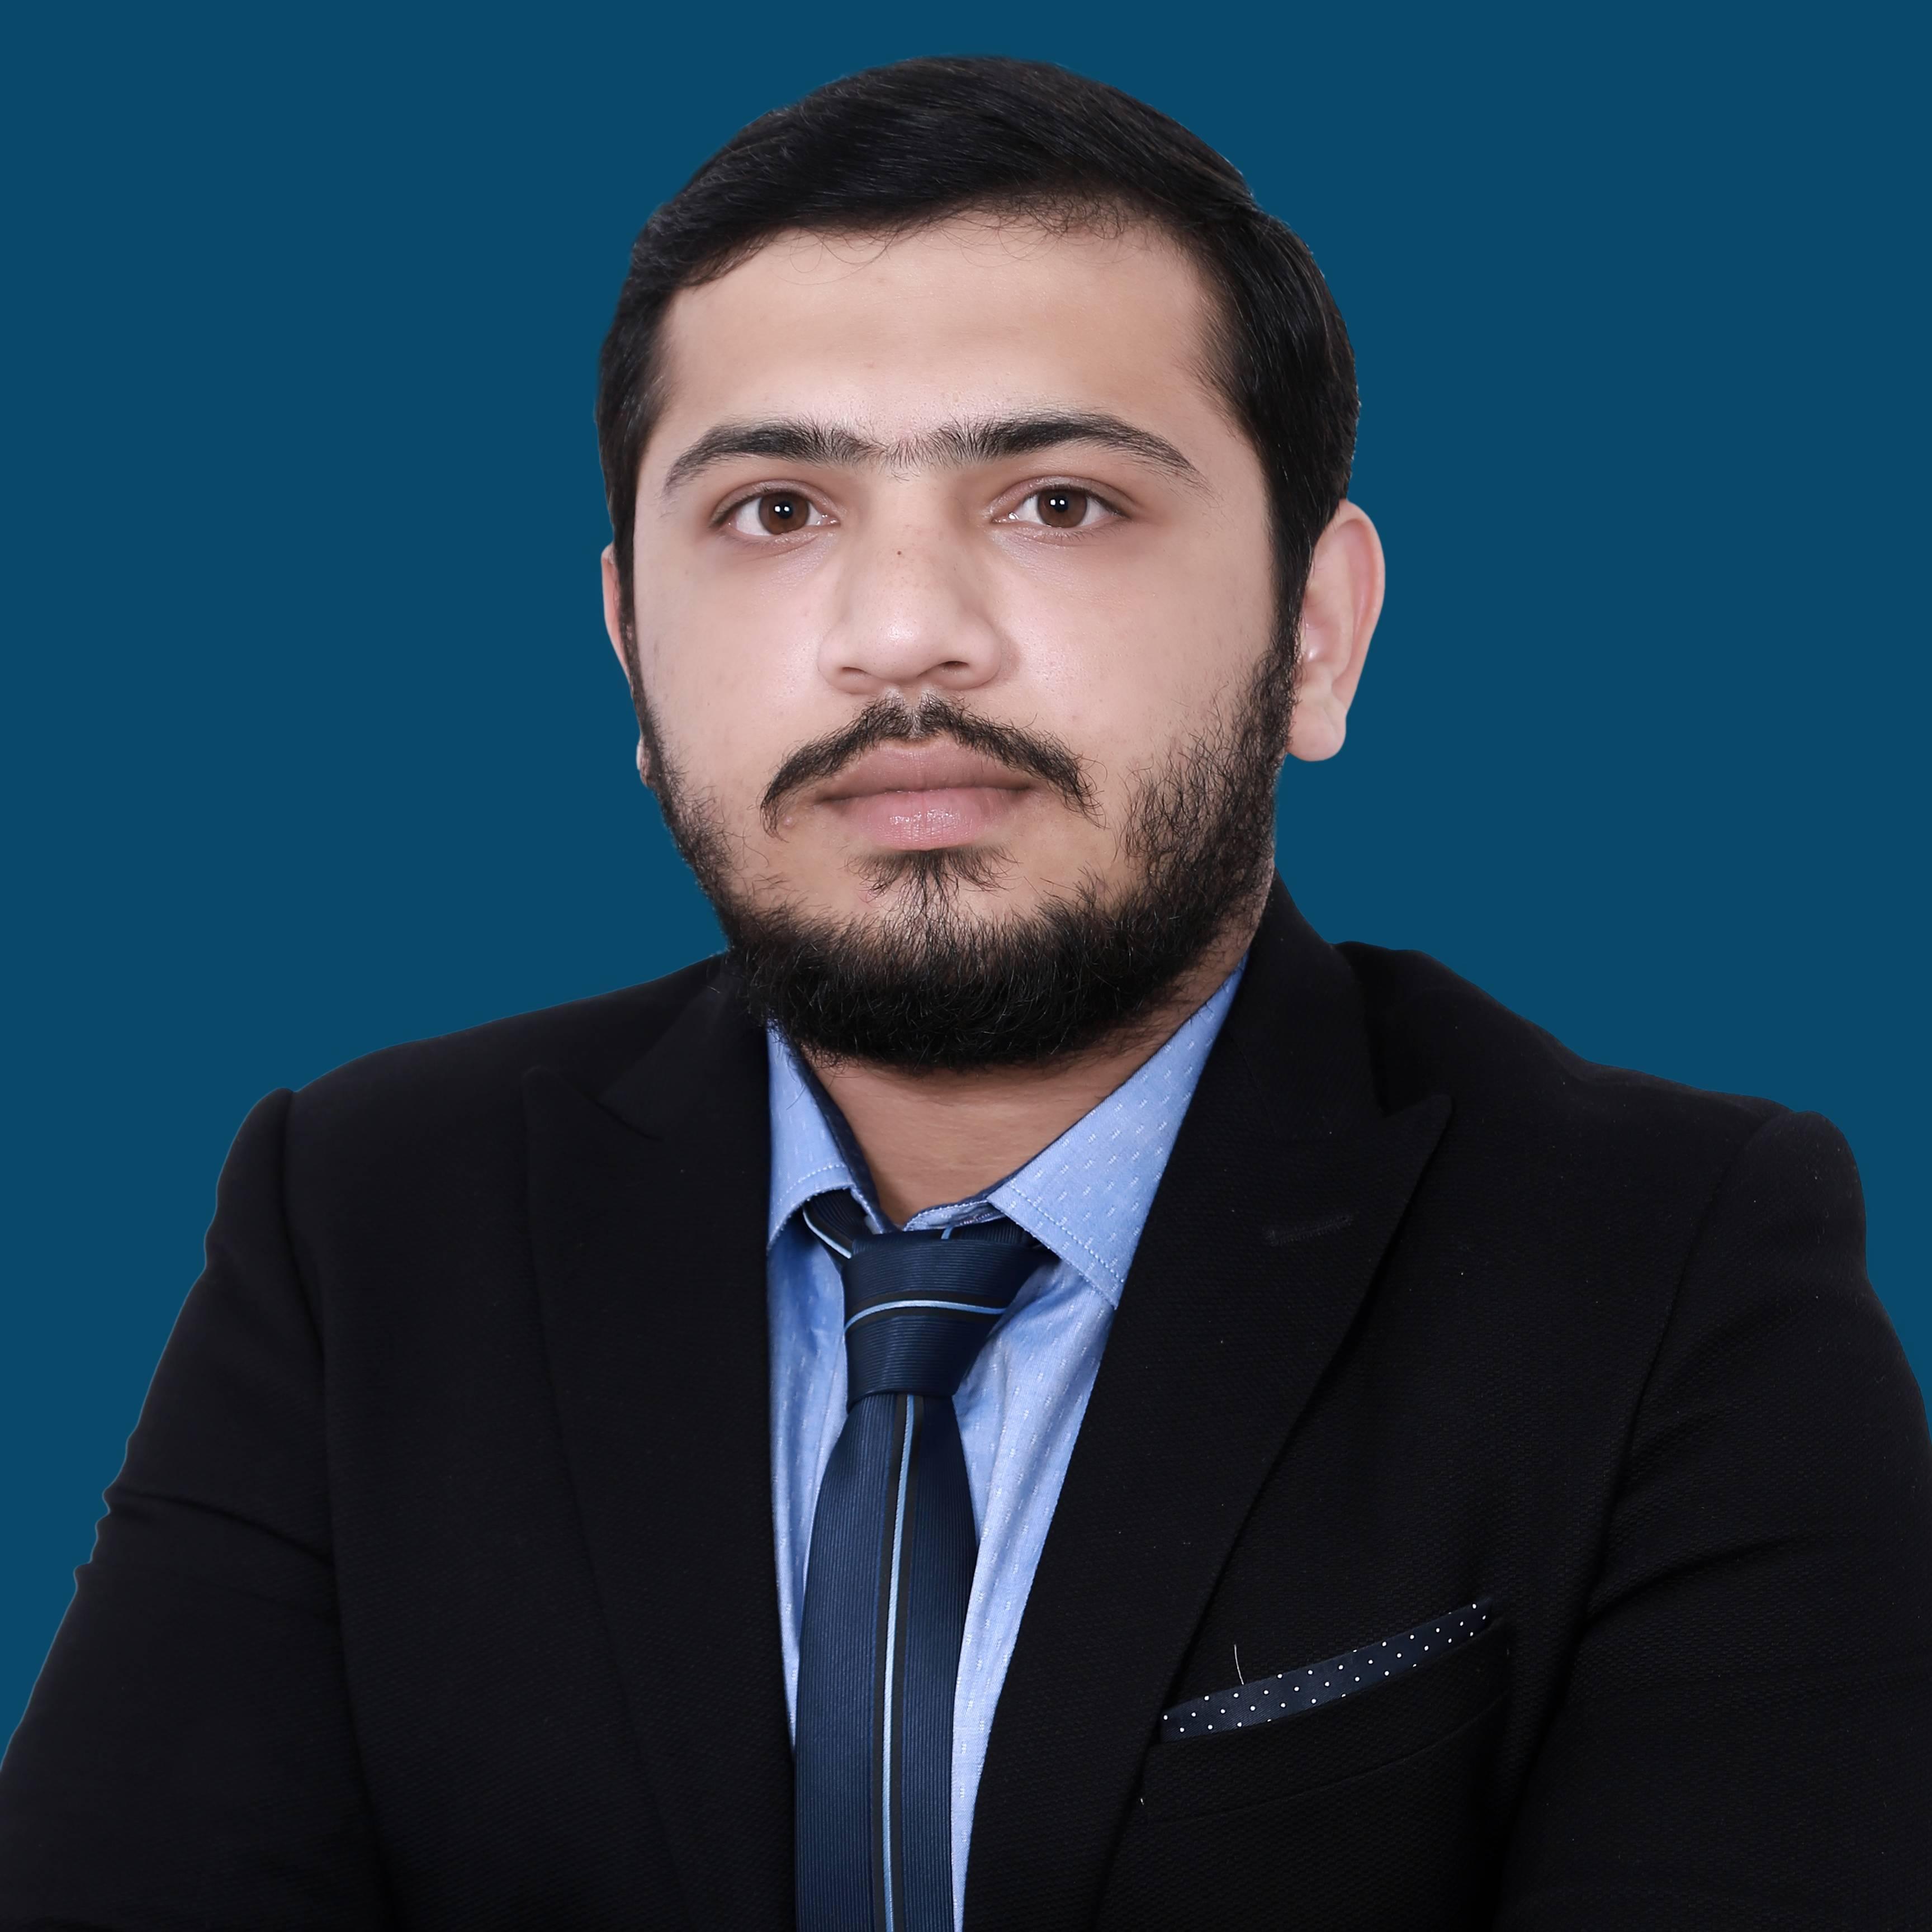 Muhammad Saad Nadeem